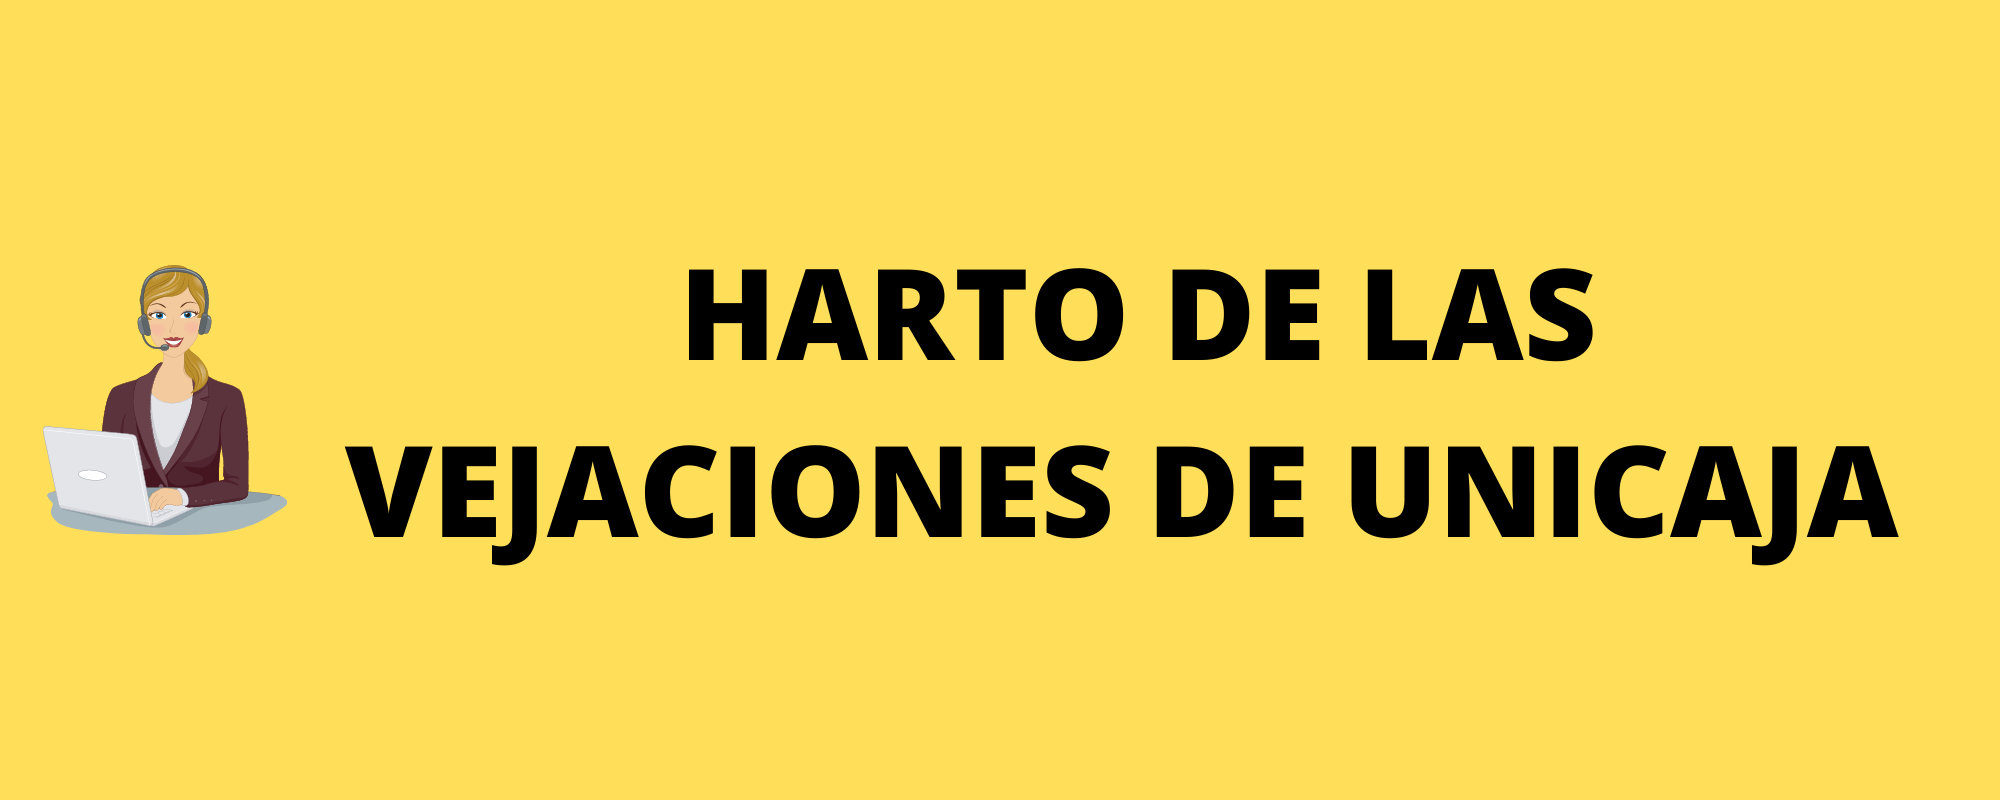 Harto de las vejaciones de @Unicajabanco cc/ @UnicajaResponde #atenciónalcliente